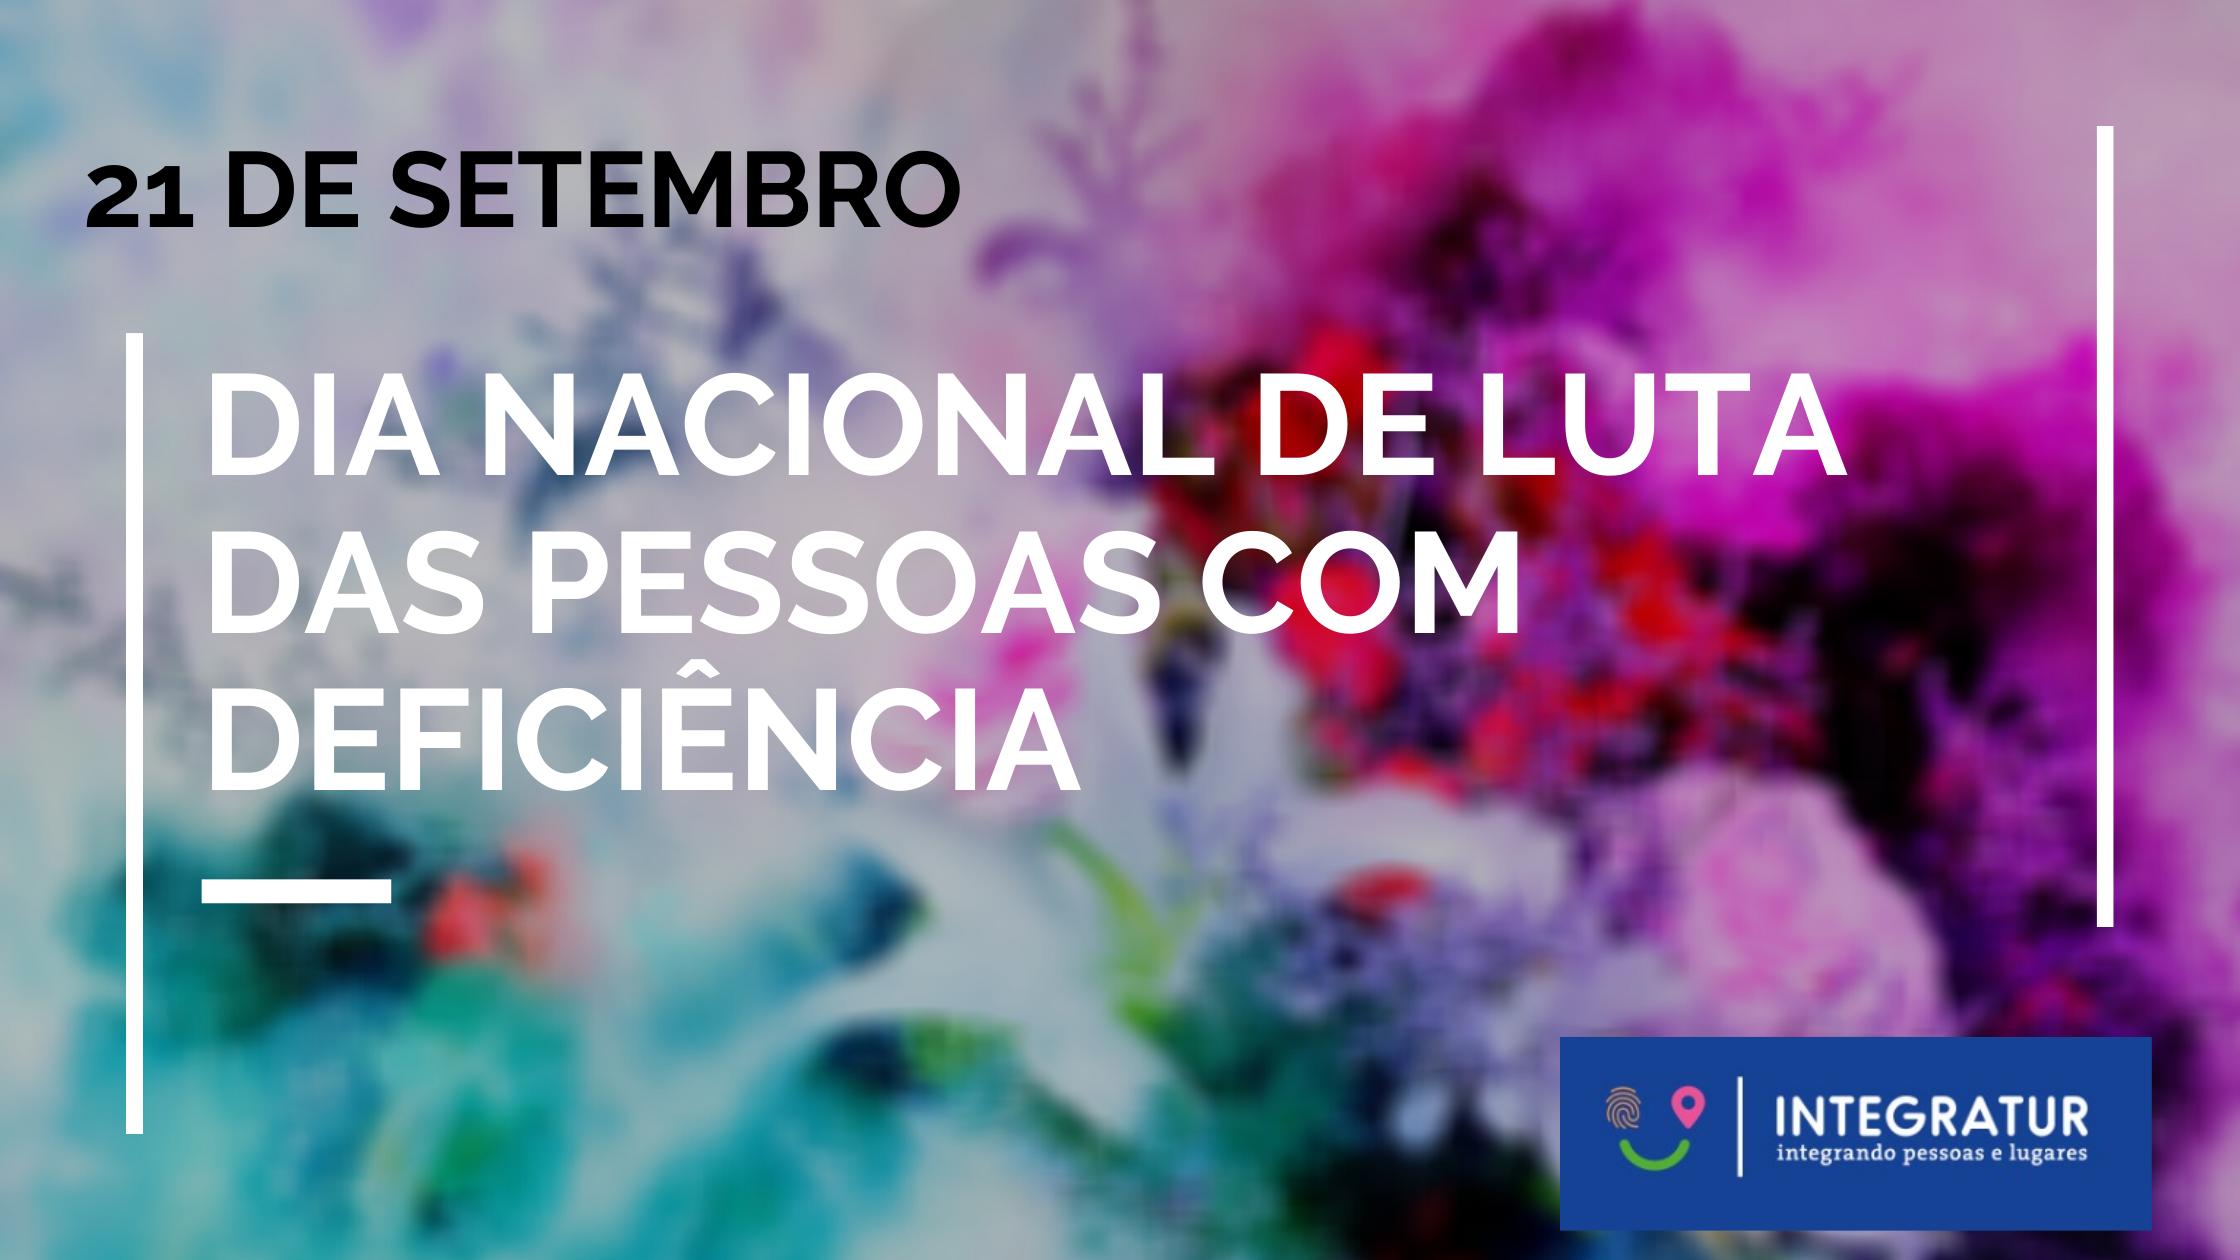 21 de setembro – Dia Nacional de Luta das Pessoas com Deficiência. Sobre um fundo colorido nas tonalidades do verde, azul e roxo mesclados. Logo da Integratur no rodapé à direita.